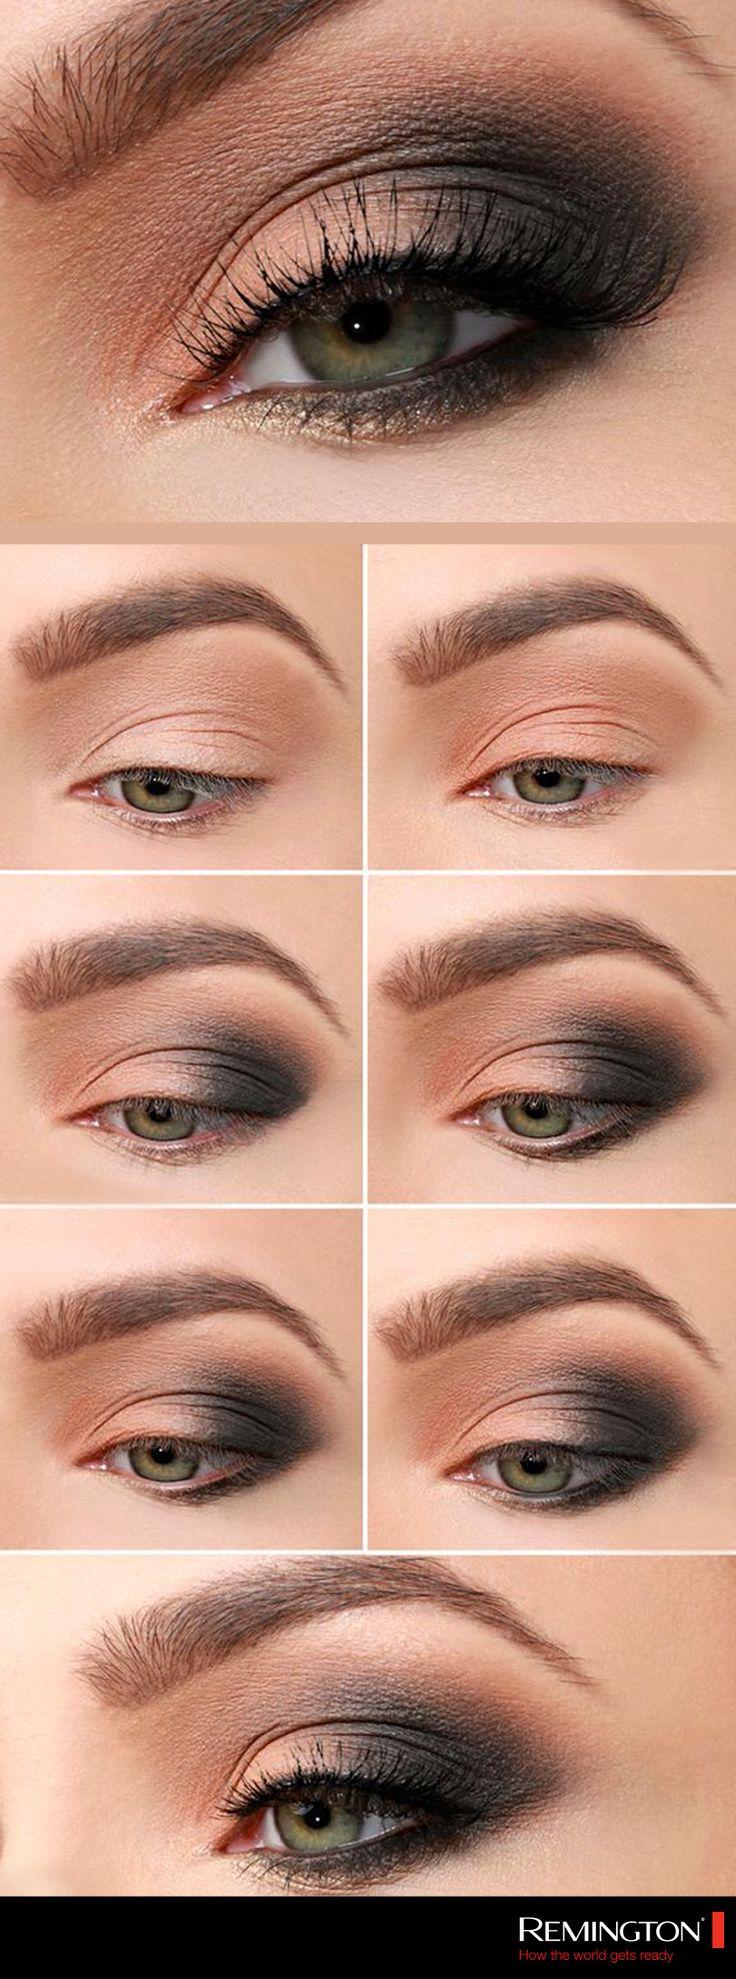 Los ojos son el punto de atención en tu rostro, aplica este smokey eye para dar…